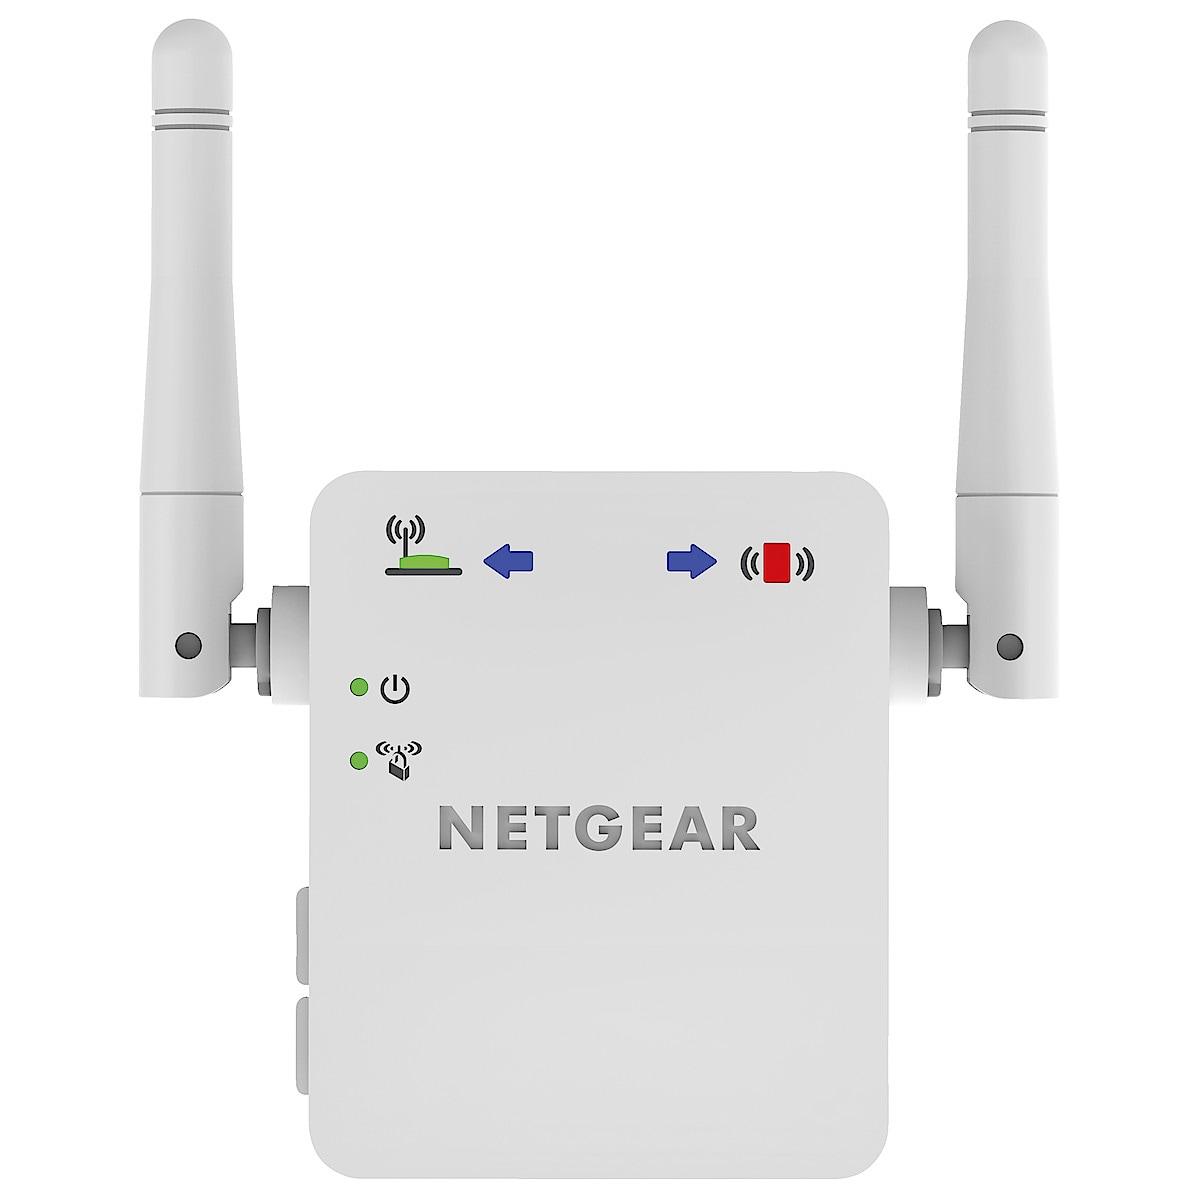 Netgear WN3000RP WiFi Range Extender